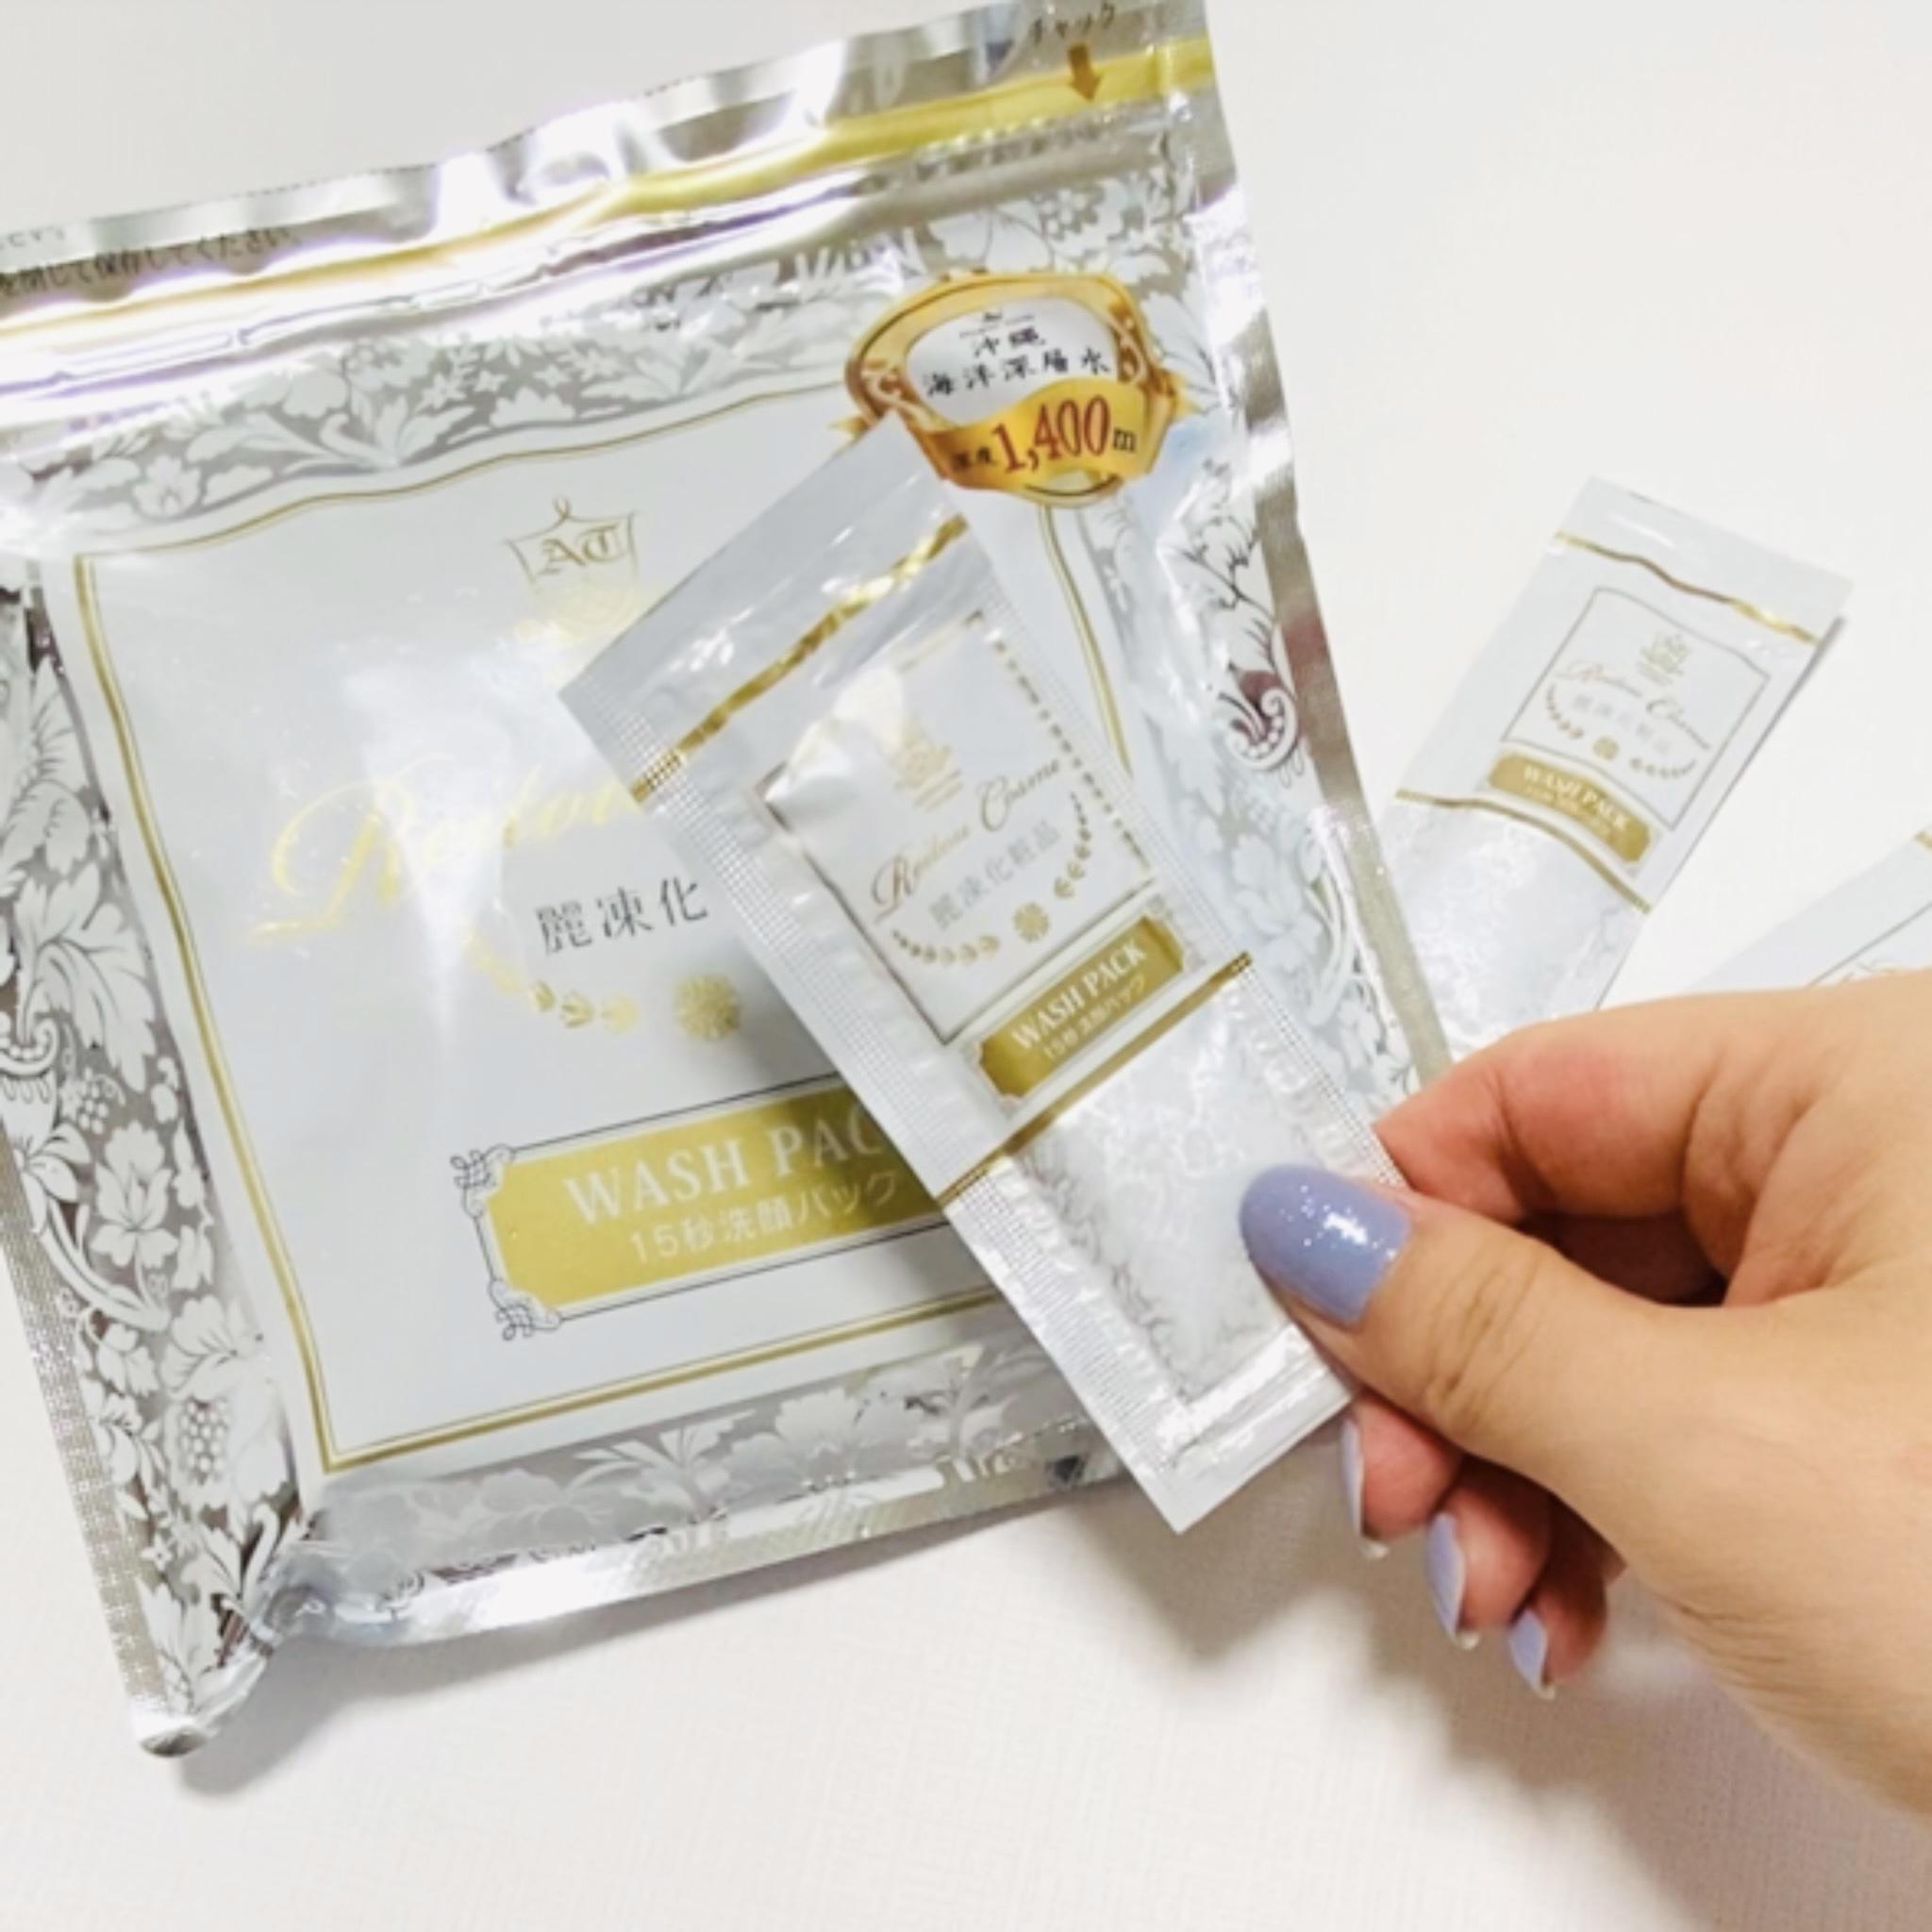 麗凍化粧品(Reitou Cosme)15秒洗顔パックを使ったminoriさんのクチコミ画像1